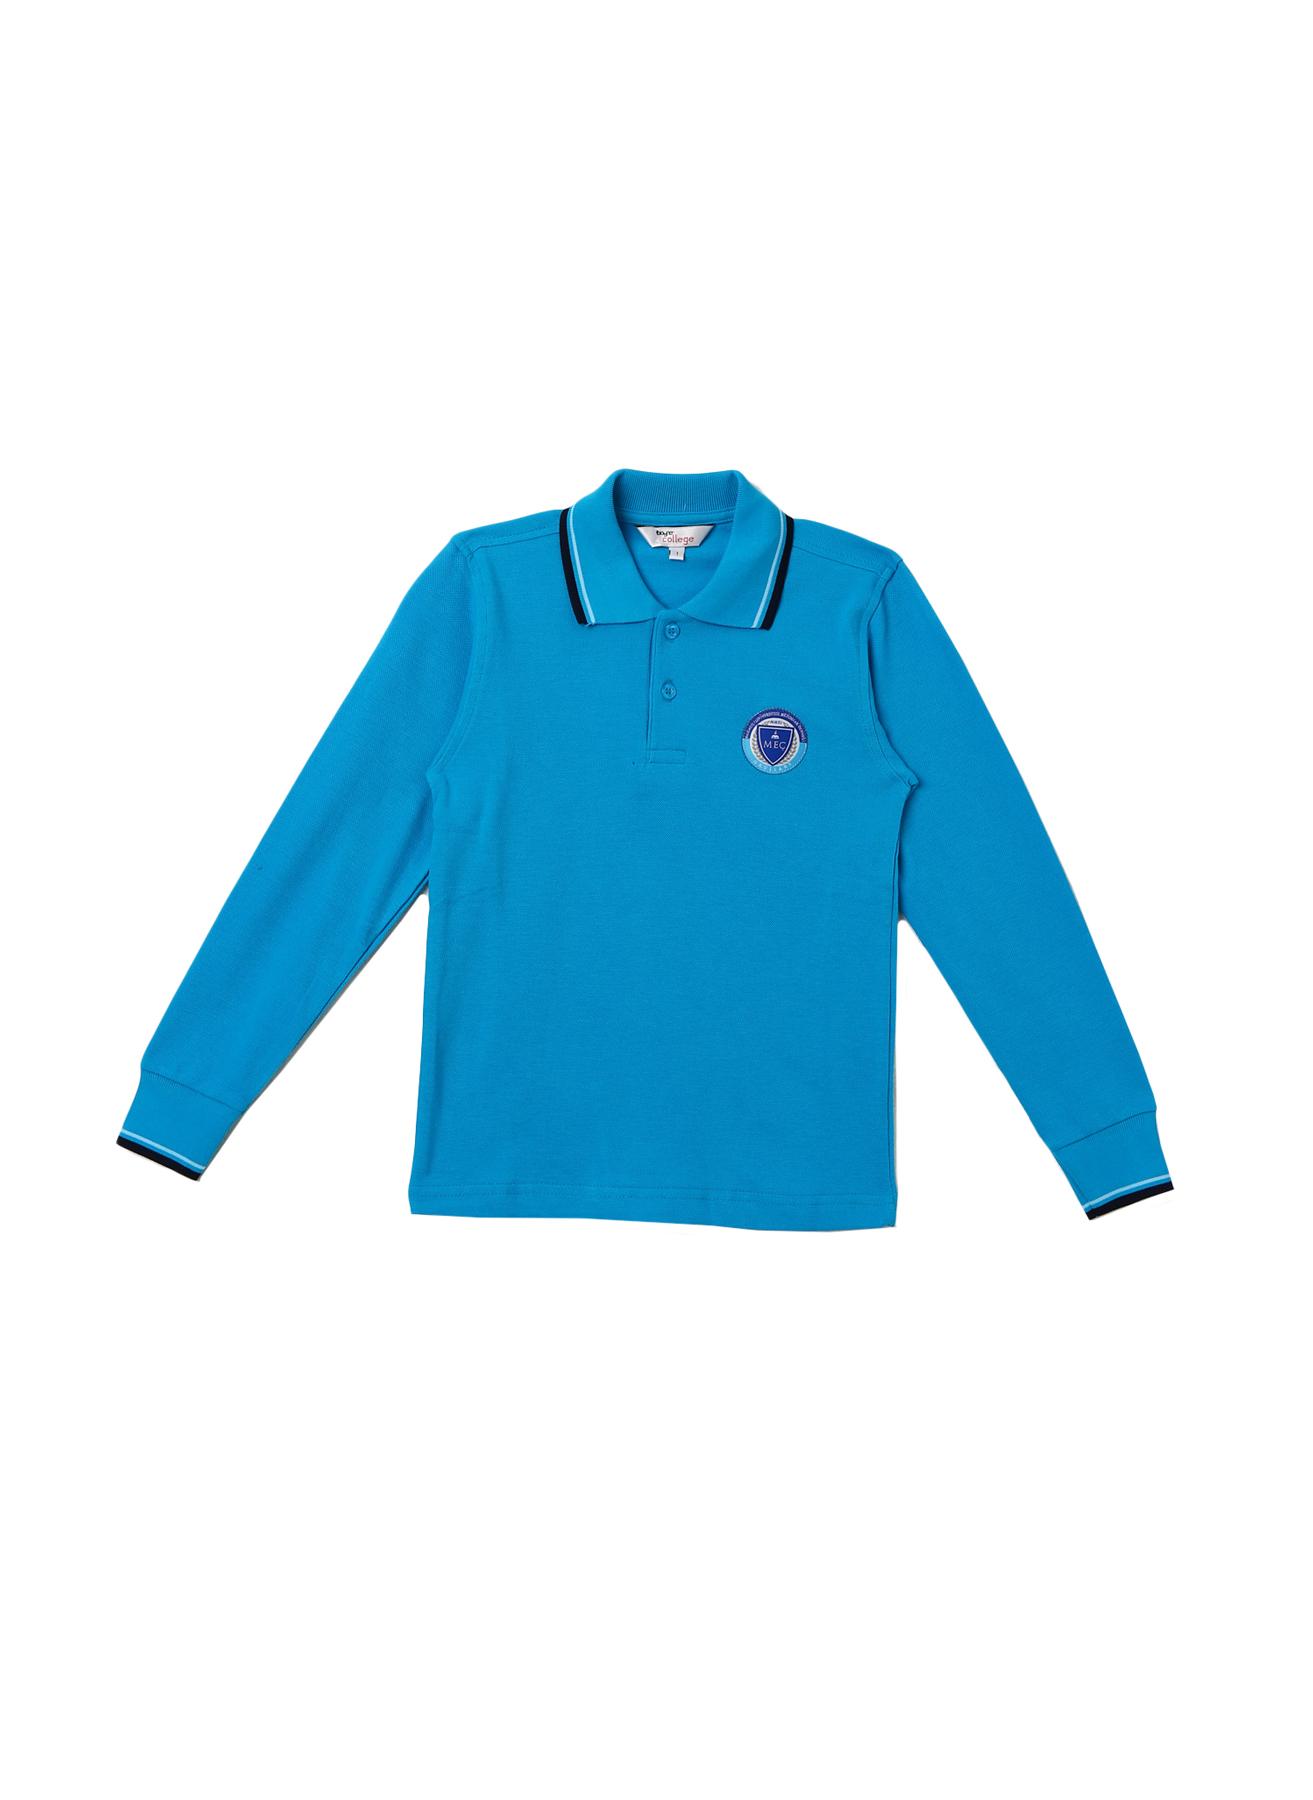 (Bümed) Meç Okullari T-Shirt 5 Yaş 5001892690012 Ürün Resmi